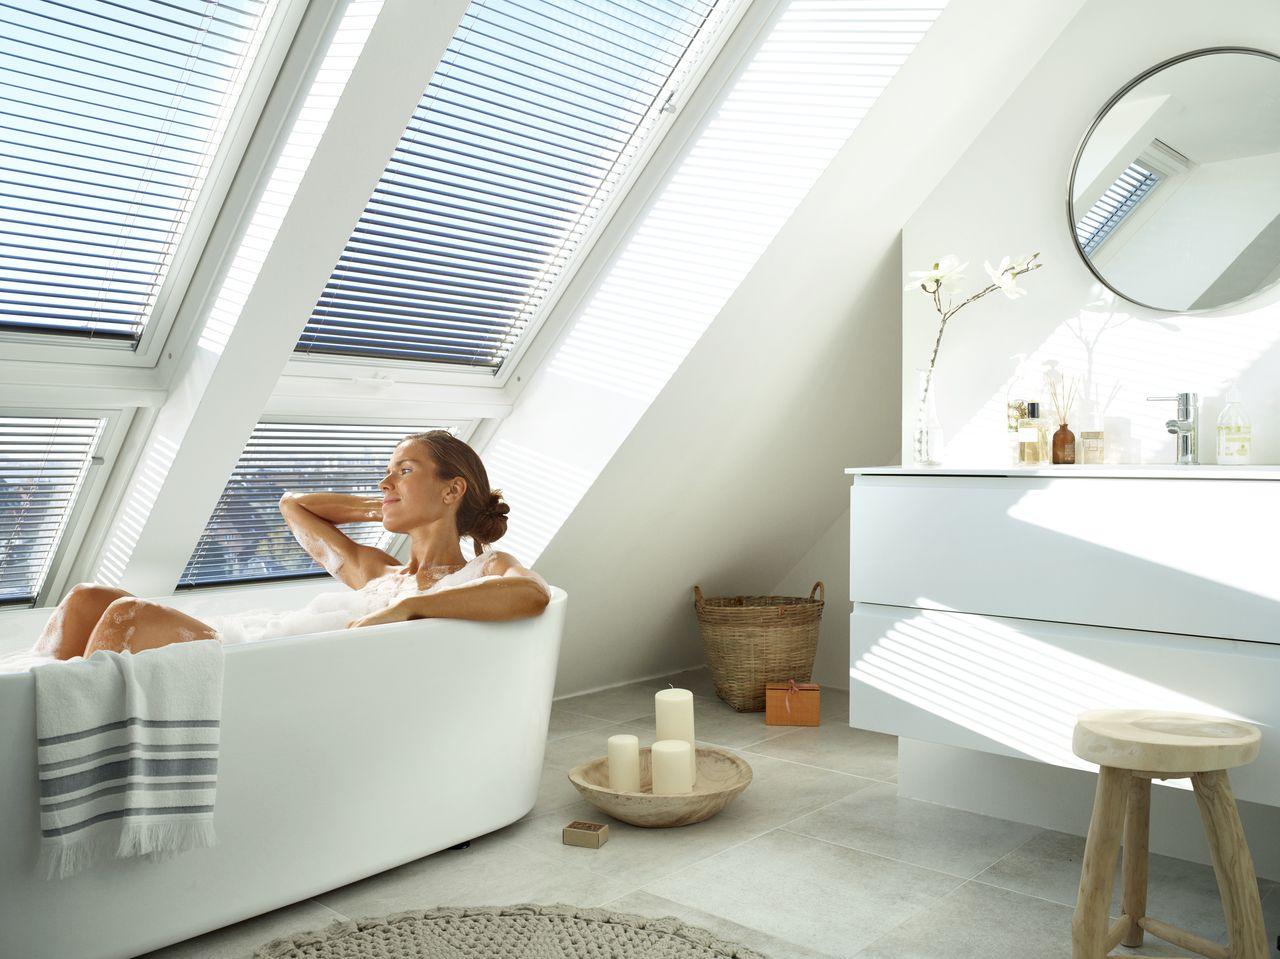 In Der Badewanne Den Tag Entspannt Beginnen Durch Grosse Fensterlosungen Von Velux Salle De Bain Decoration Bains